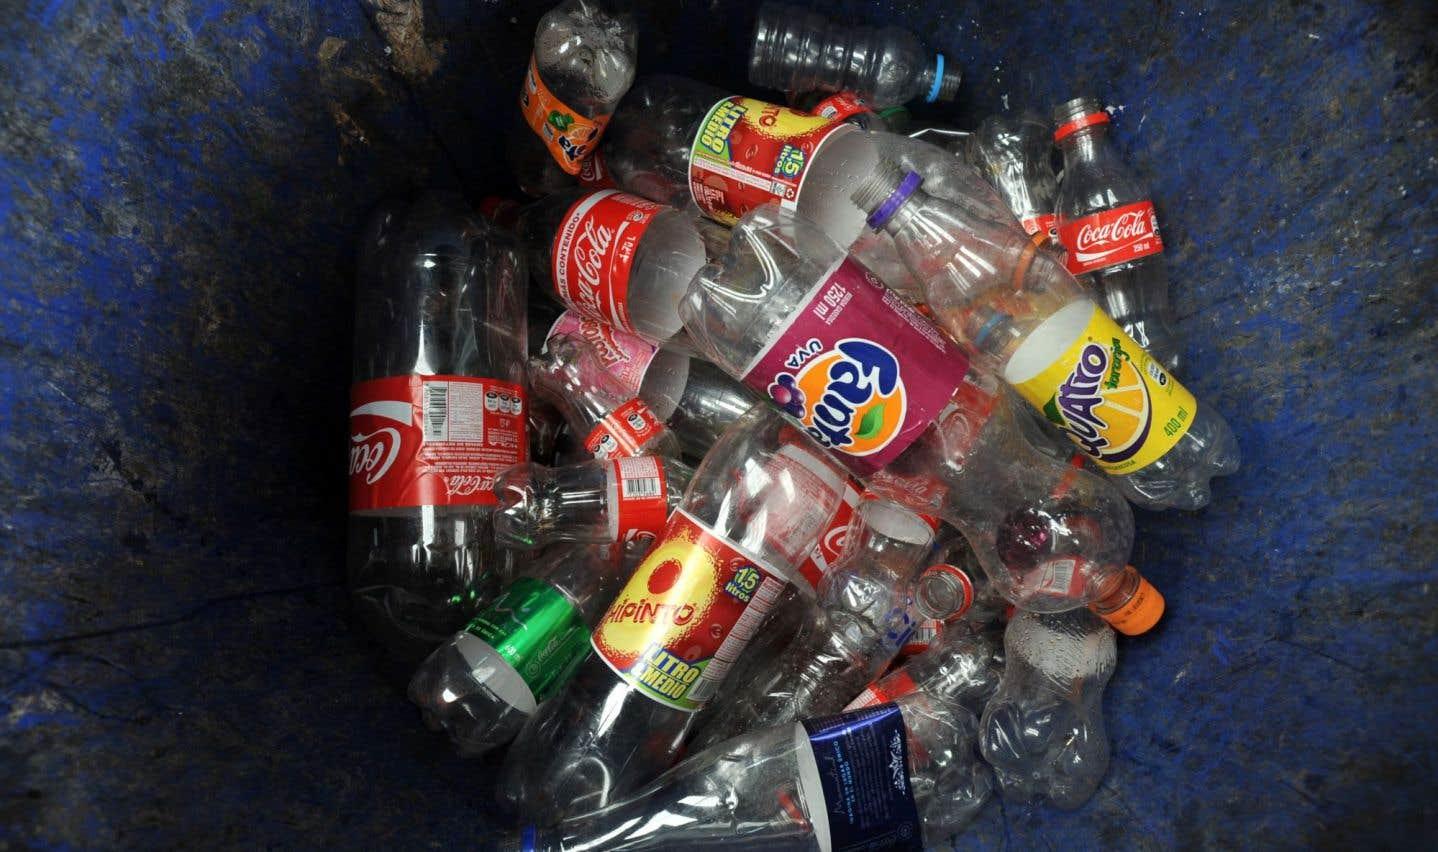 Recyclage Affaire Devoir RégléeLe Du VerreUne Yy6fgv7b